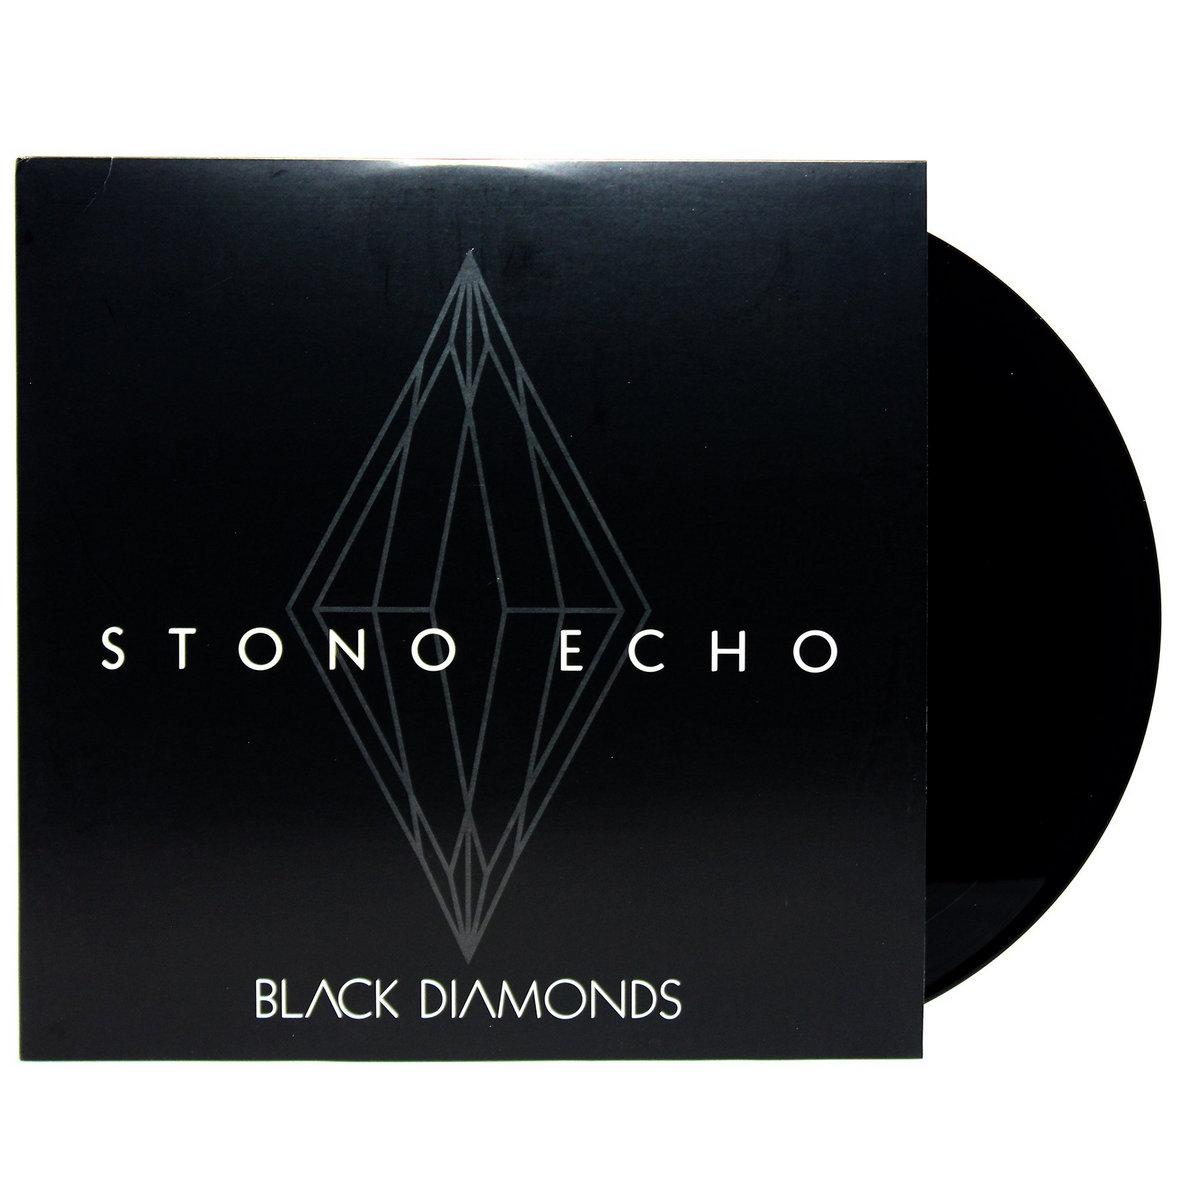 FP008 - Black Diamonds | FULL PLATE